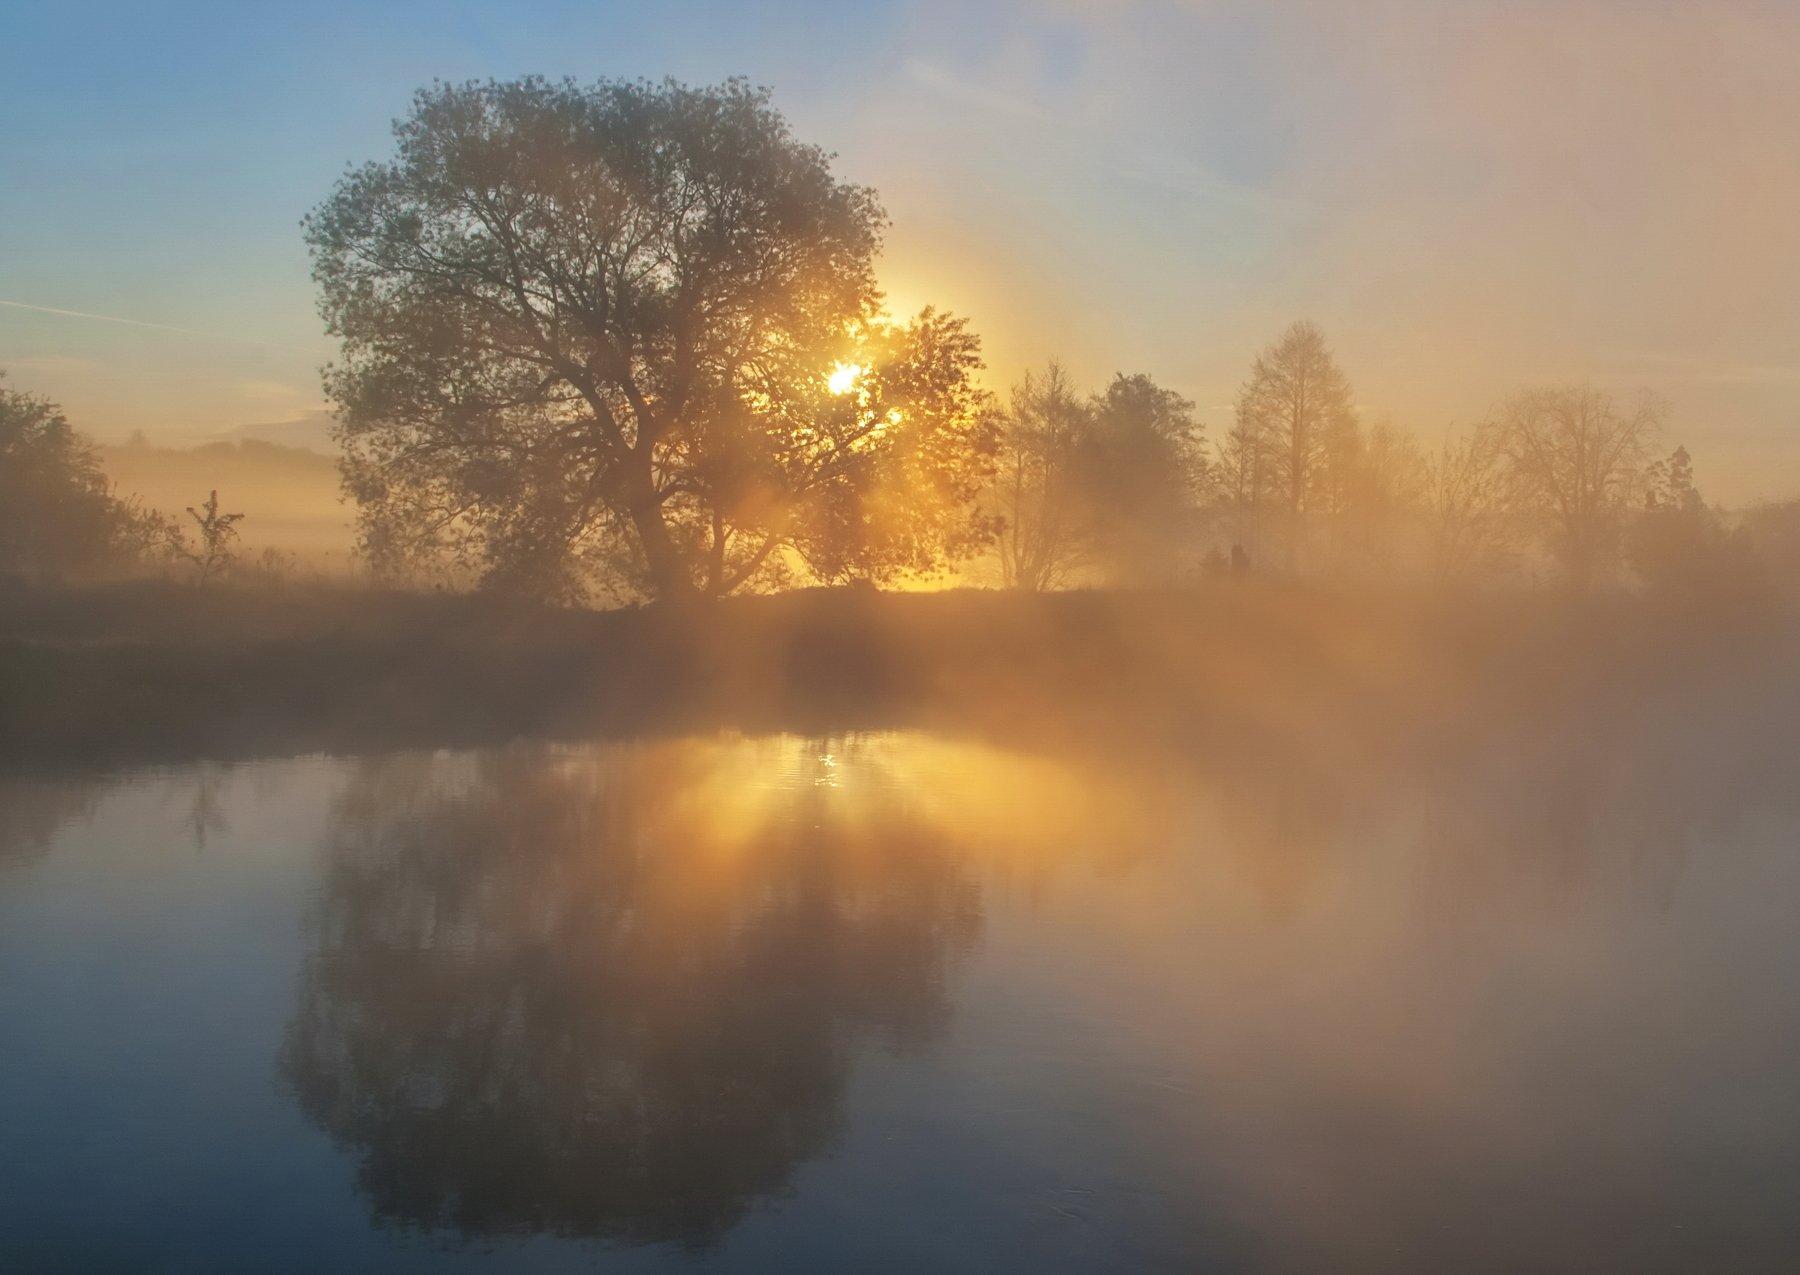 утро, туман, весна, свислочь, Александр Гвоздь